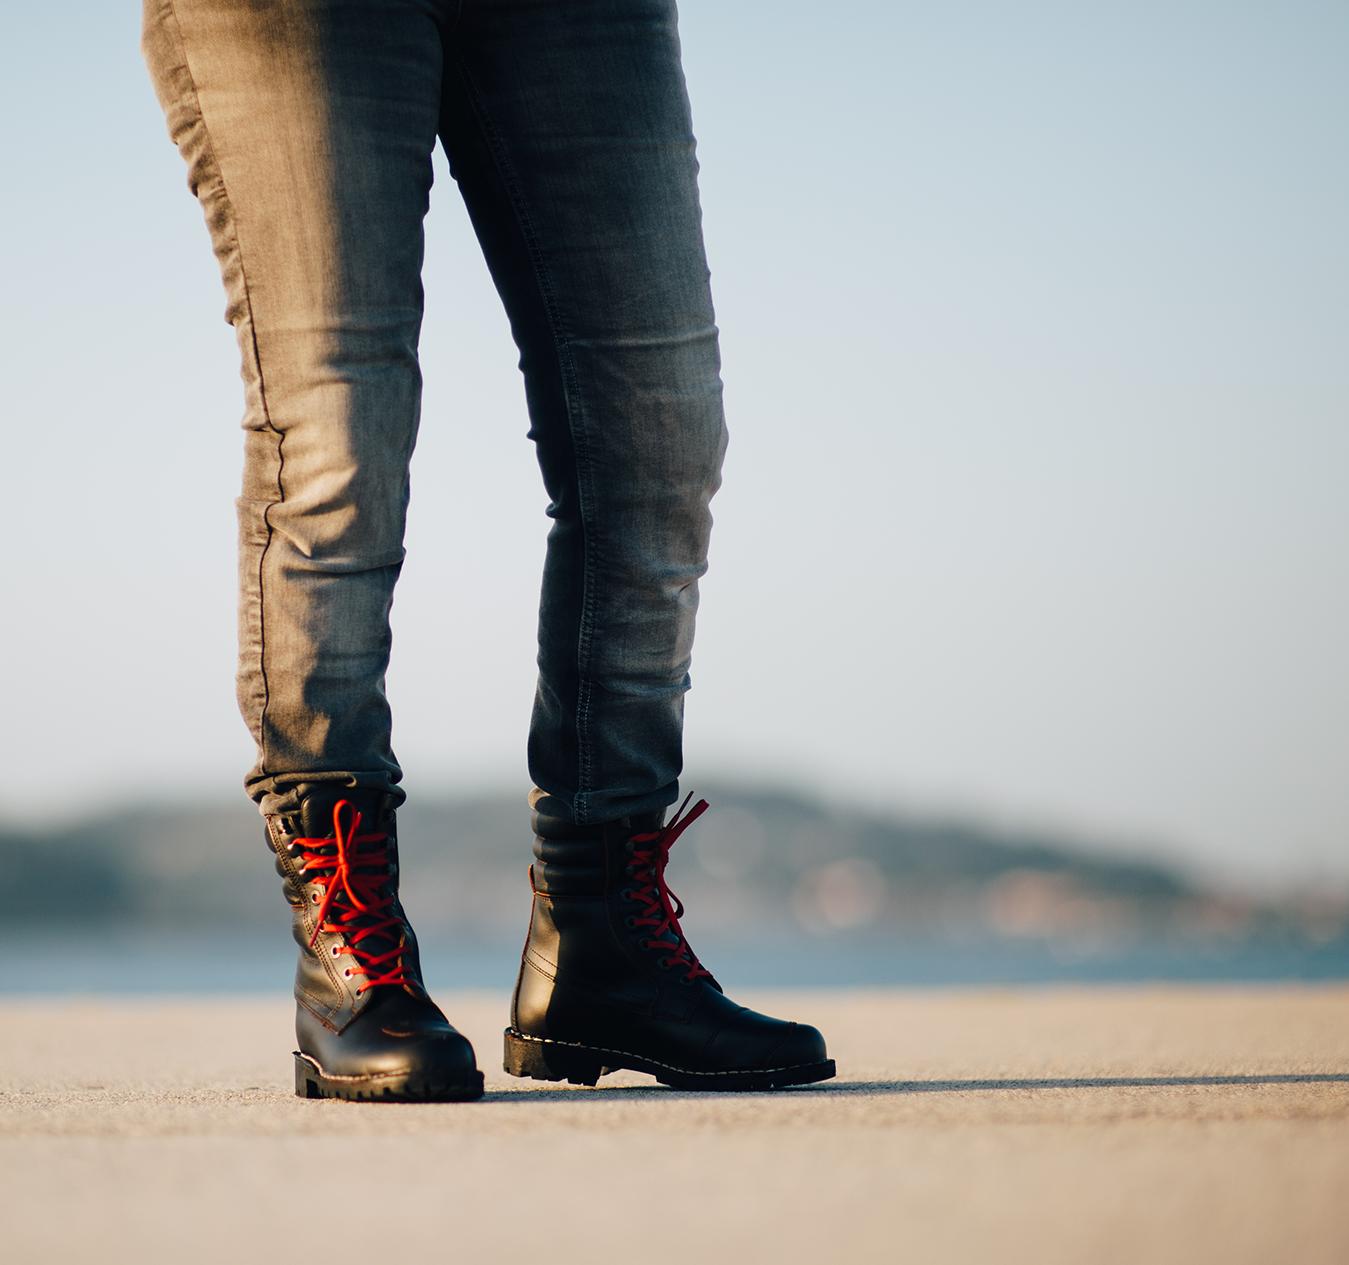 Perché i migliori stivali da moto sono così comodi?